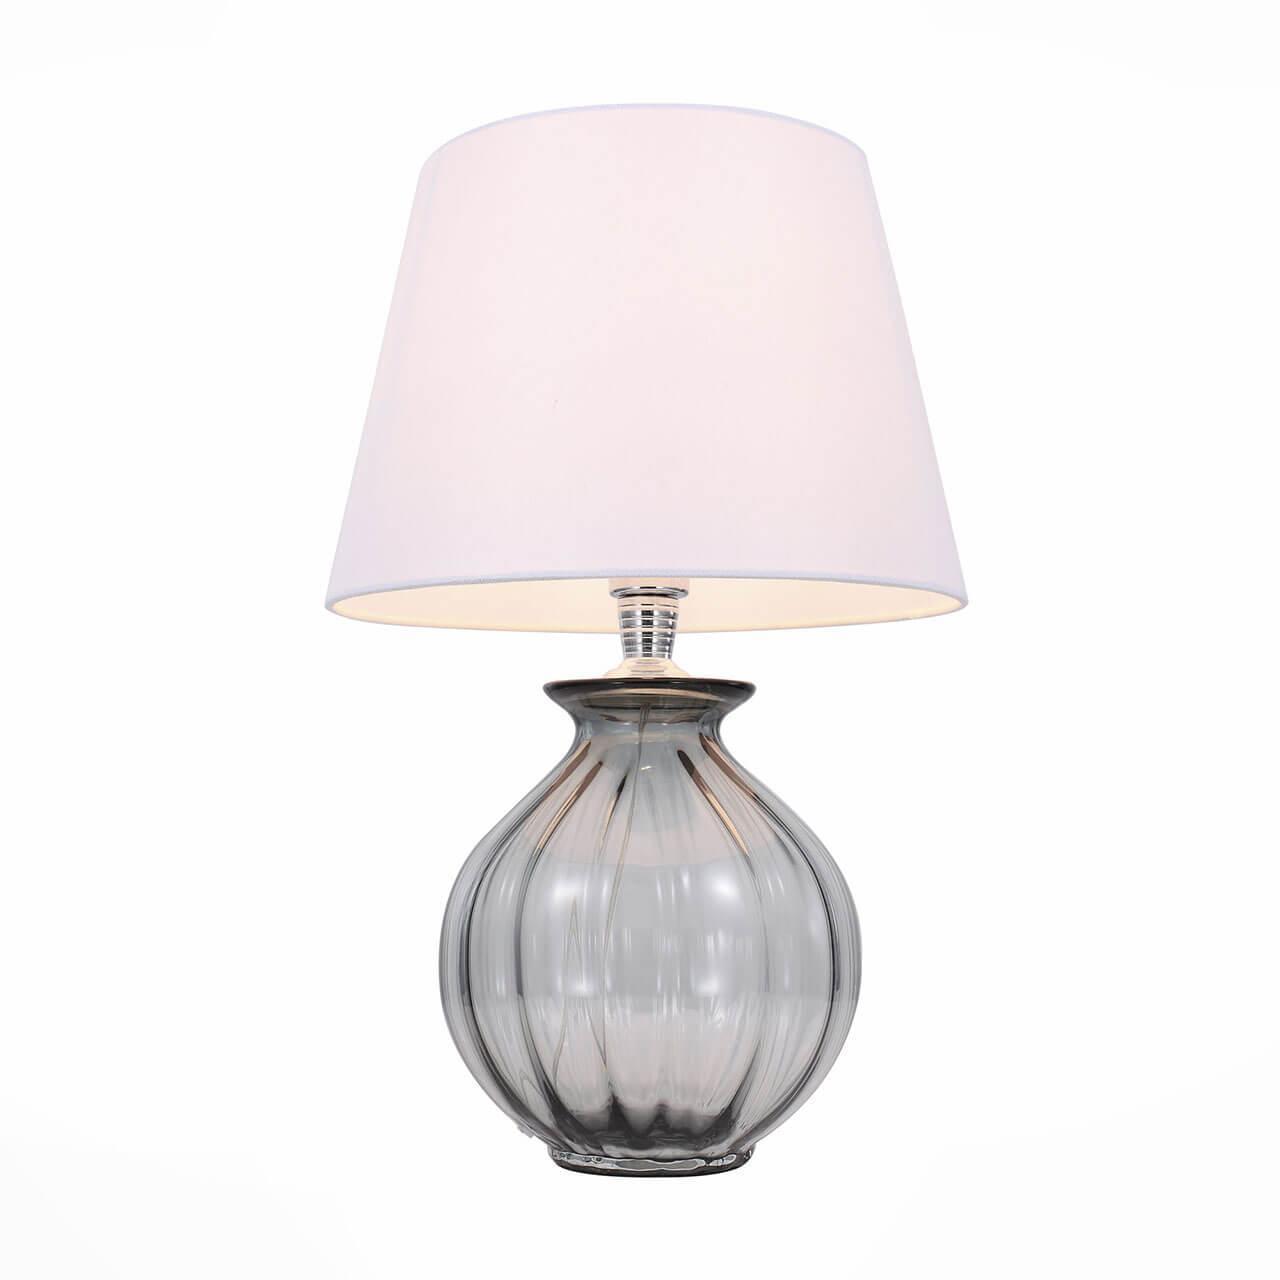 Настольный светильник ST Luce SL968.404.01, E27, 60 Вт лампа настольная декоративная st luce calma sl968 604 01